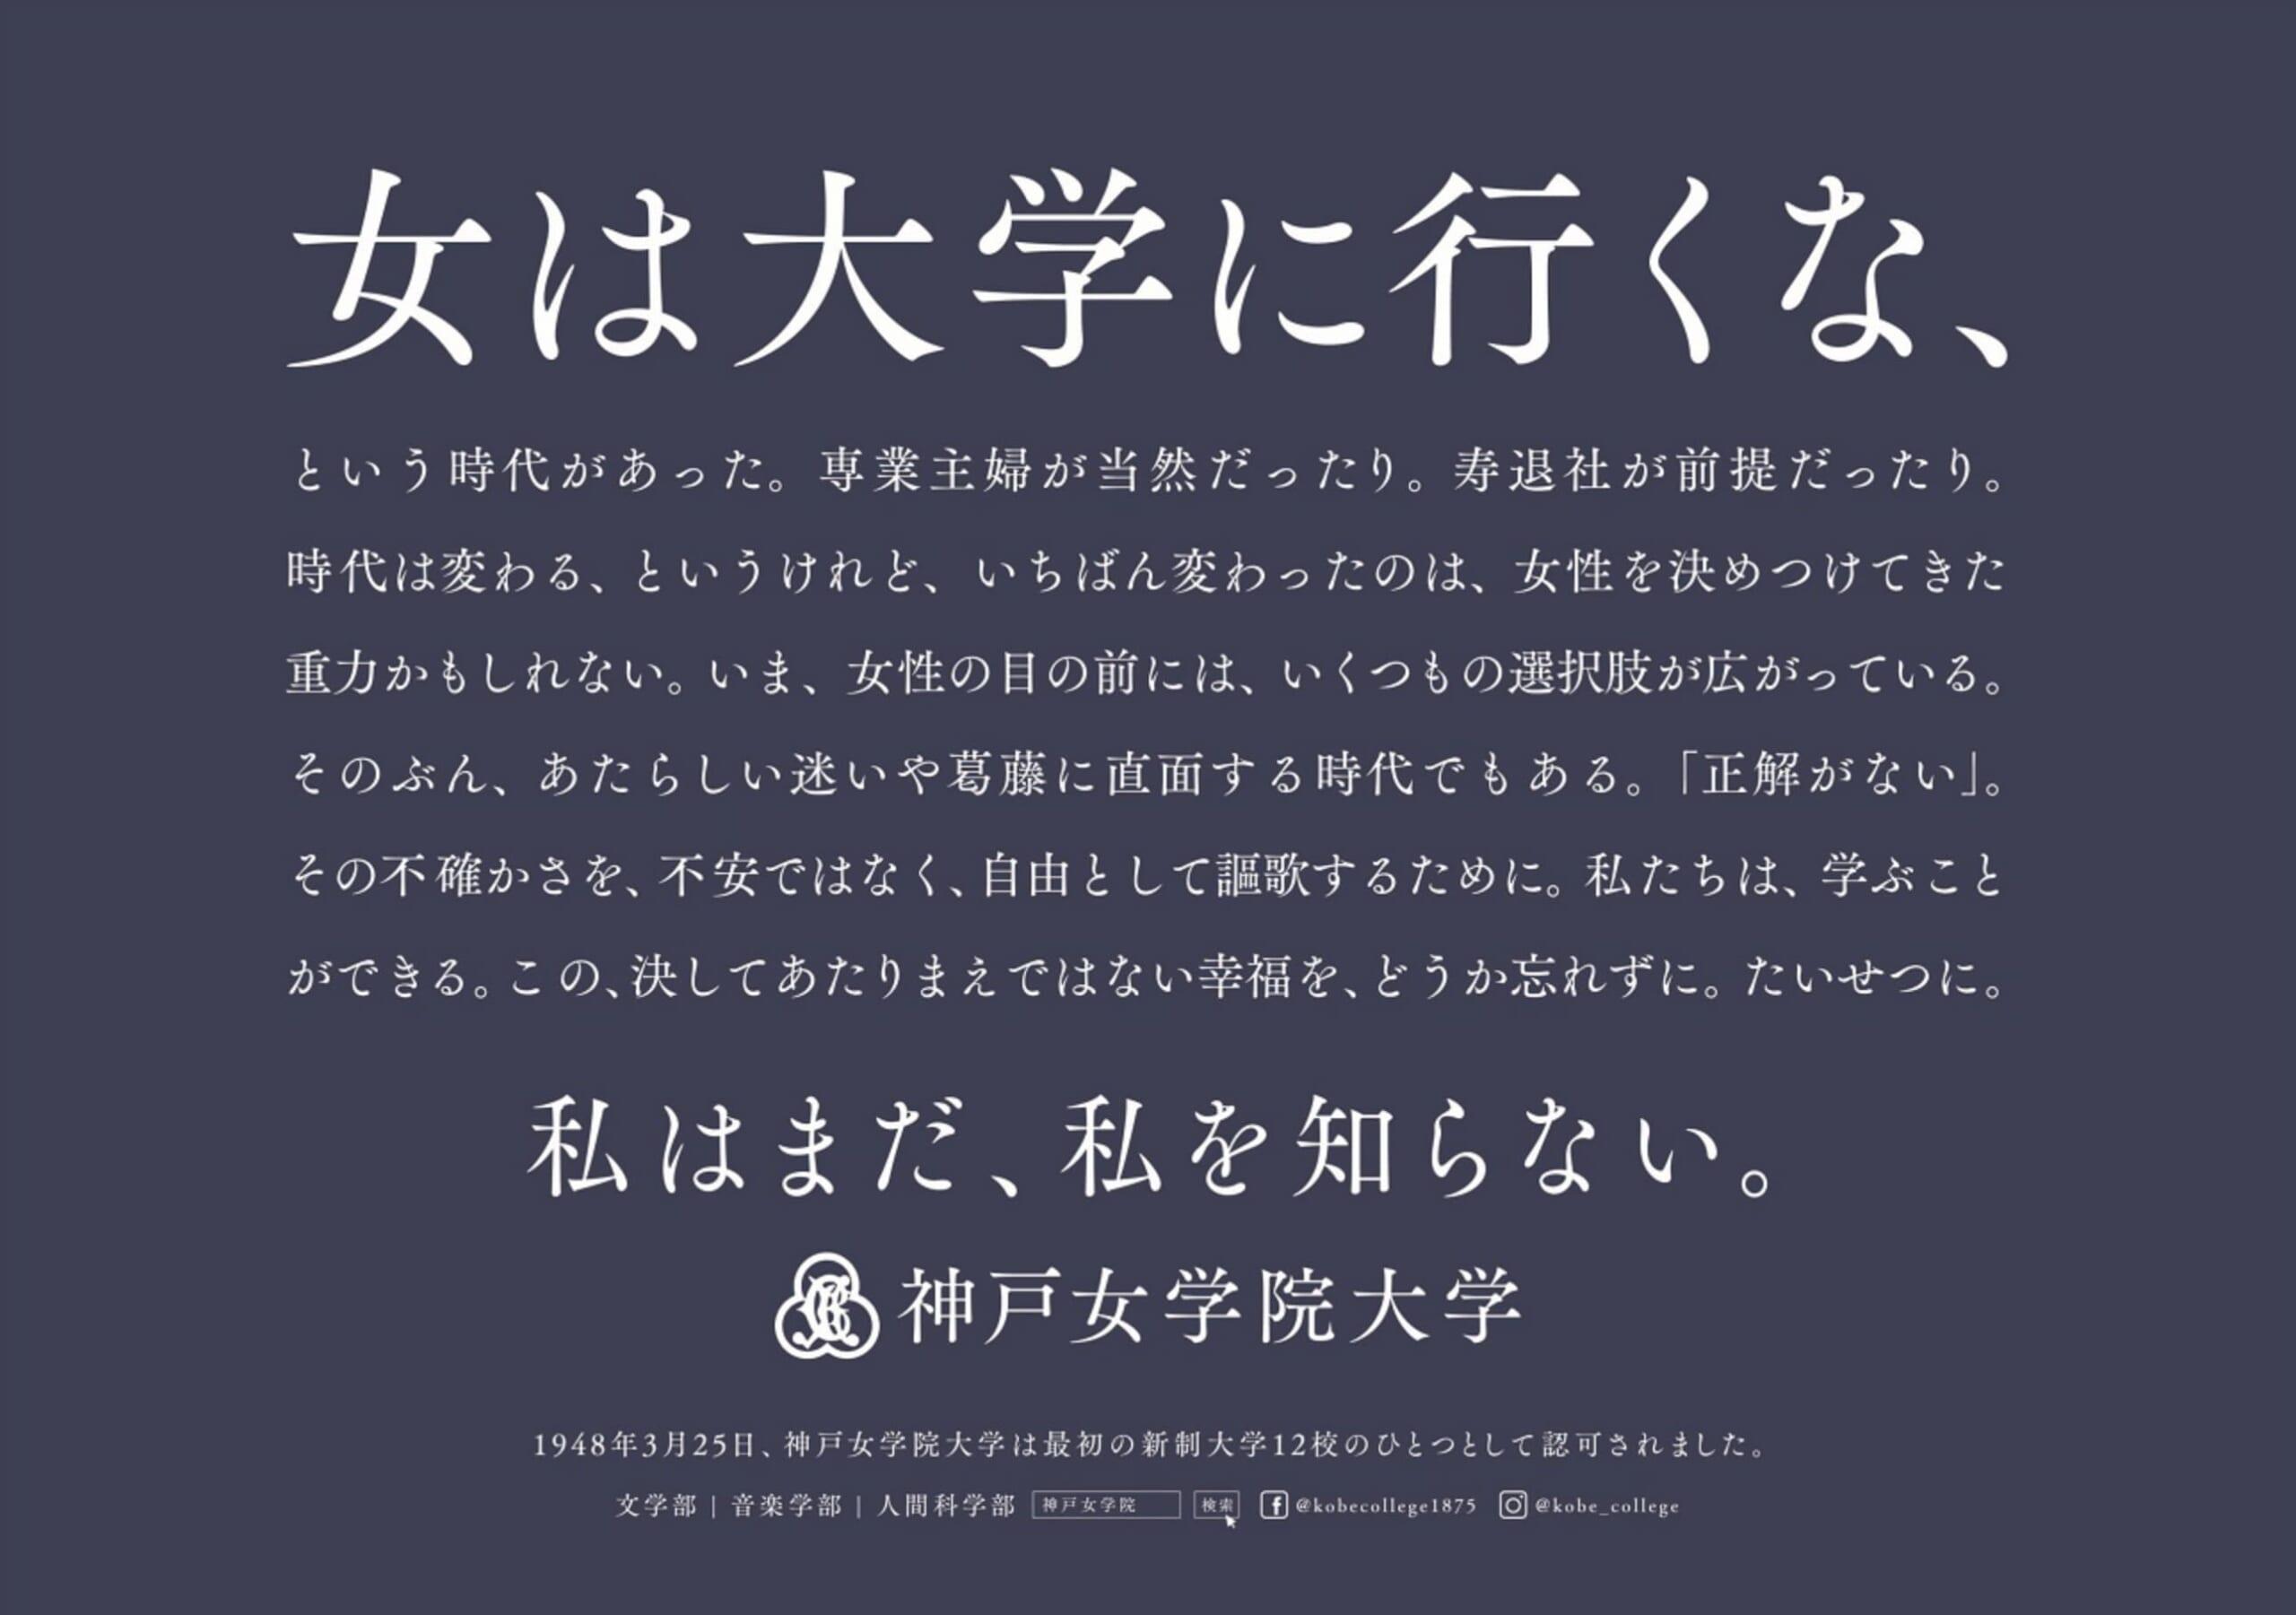 「女は大学に行くな、」―― 神戸女学院大学のメッセージに「泣きそうになった」と反響 胸を打つ広告はいかにして生まれたか